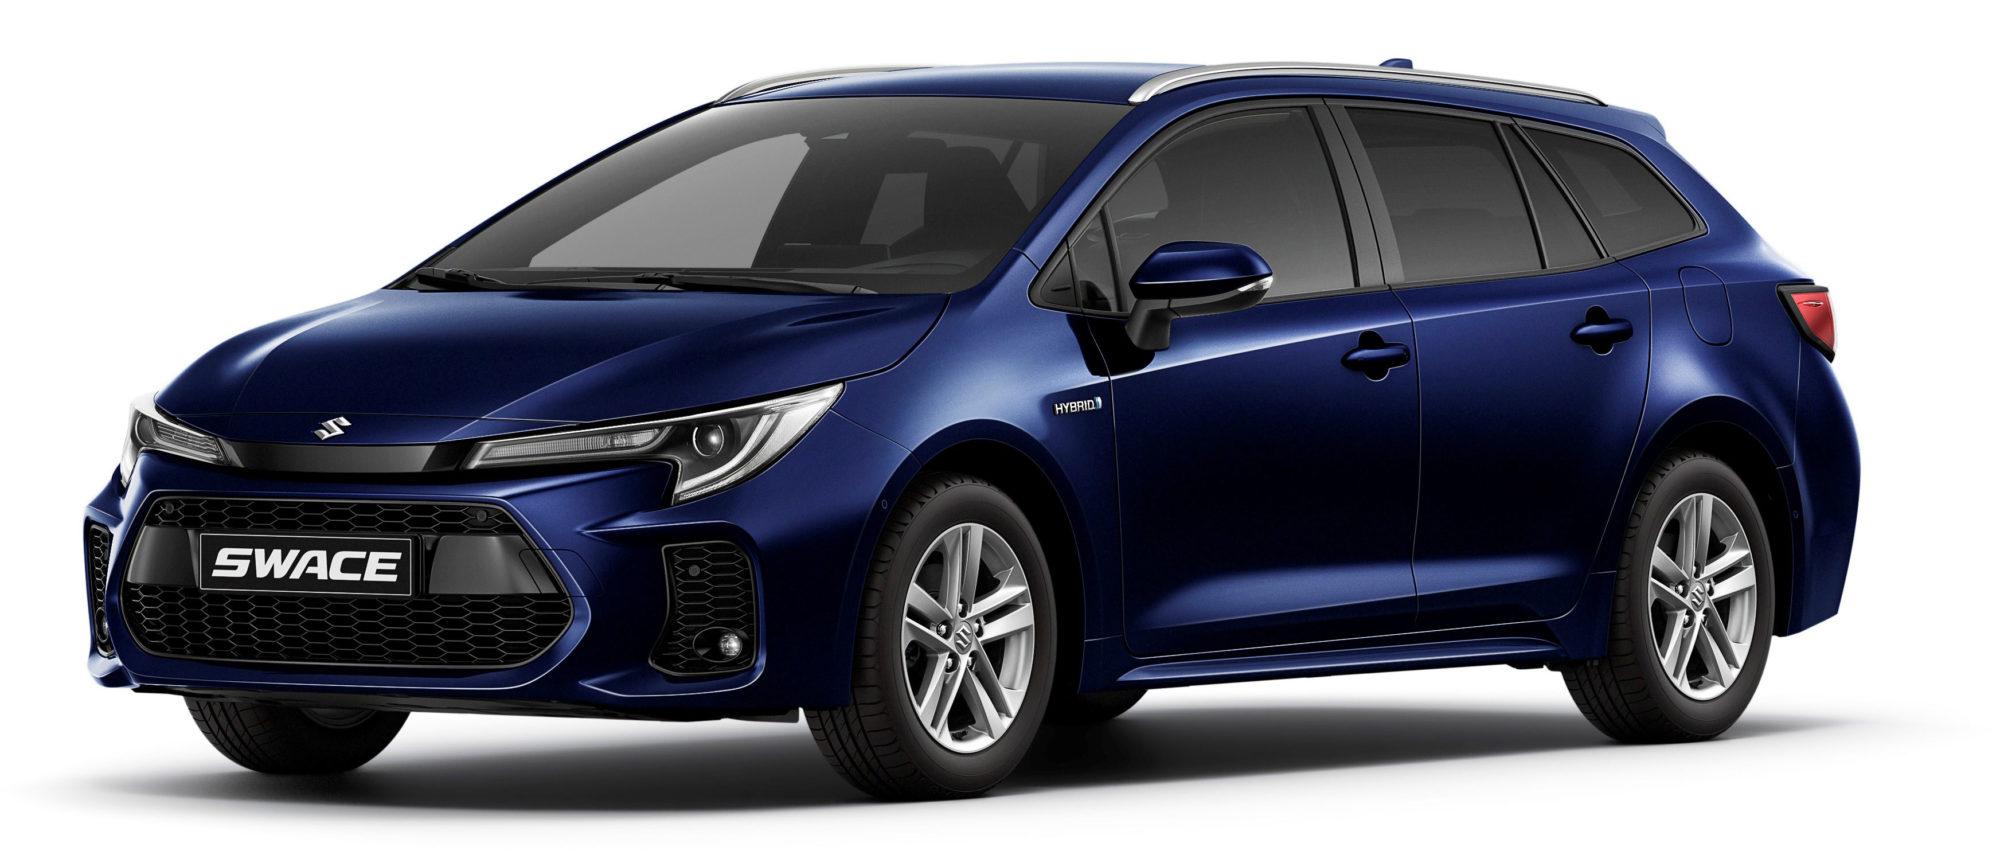 Suzuki Swace 2020 - Dark Blue Mica